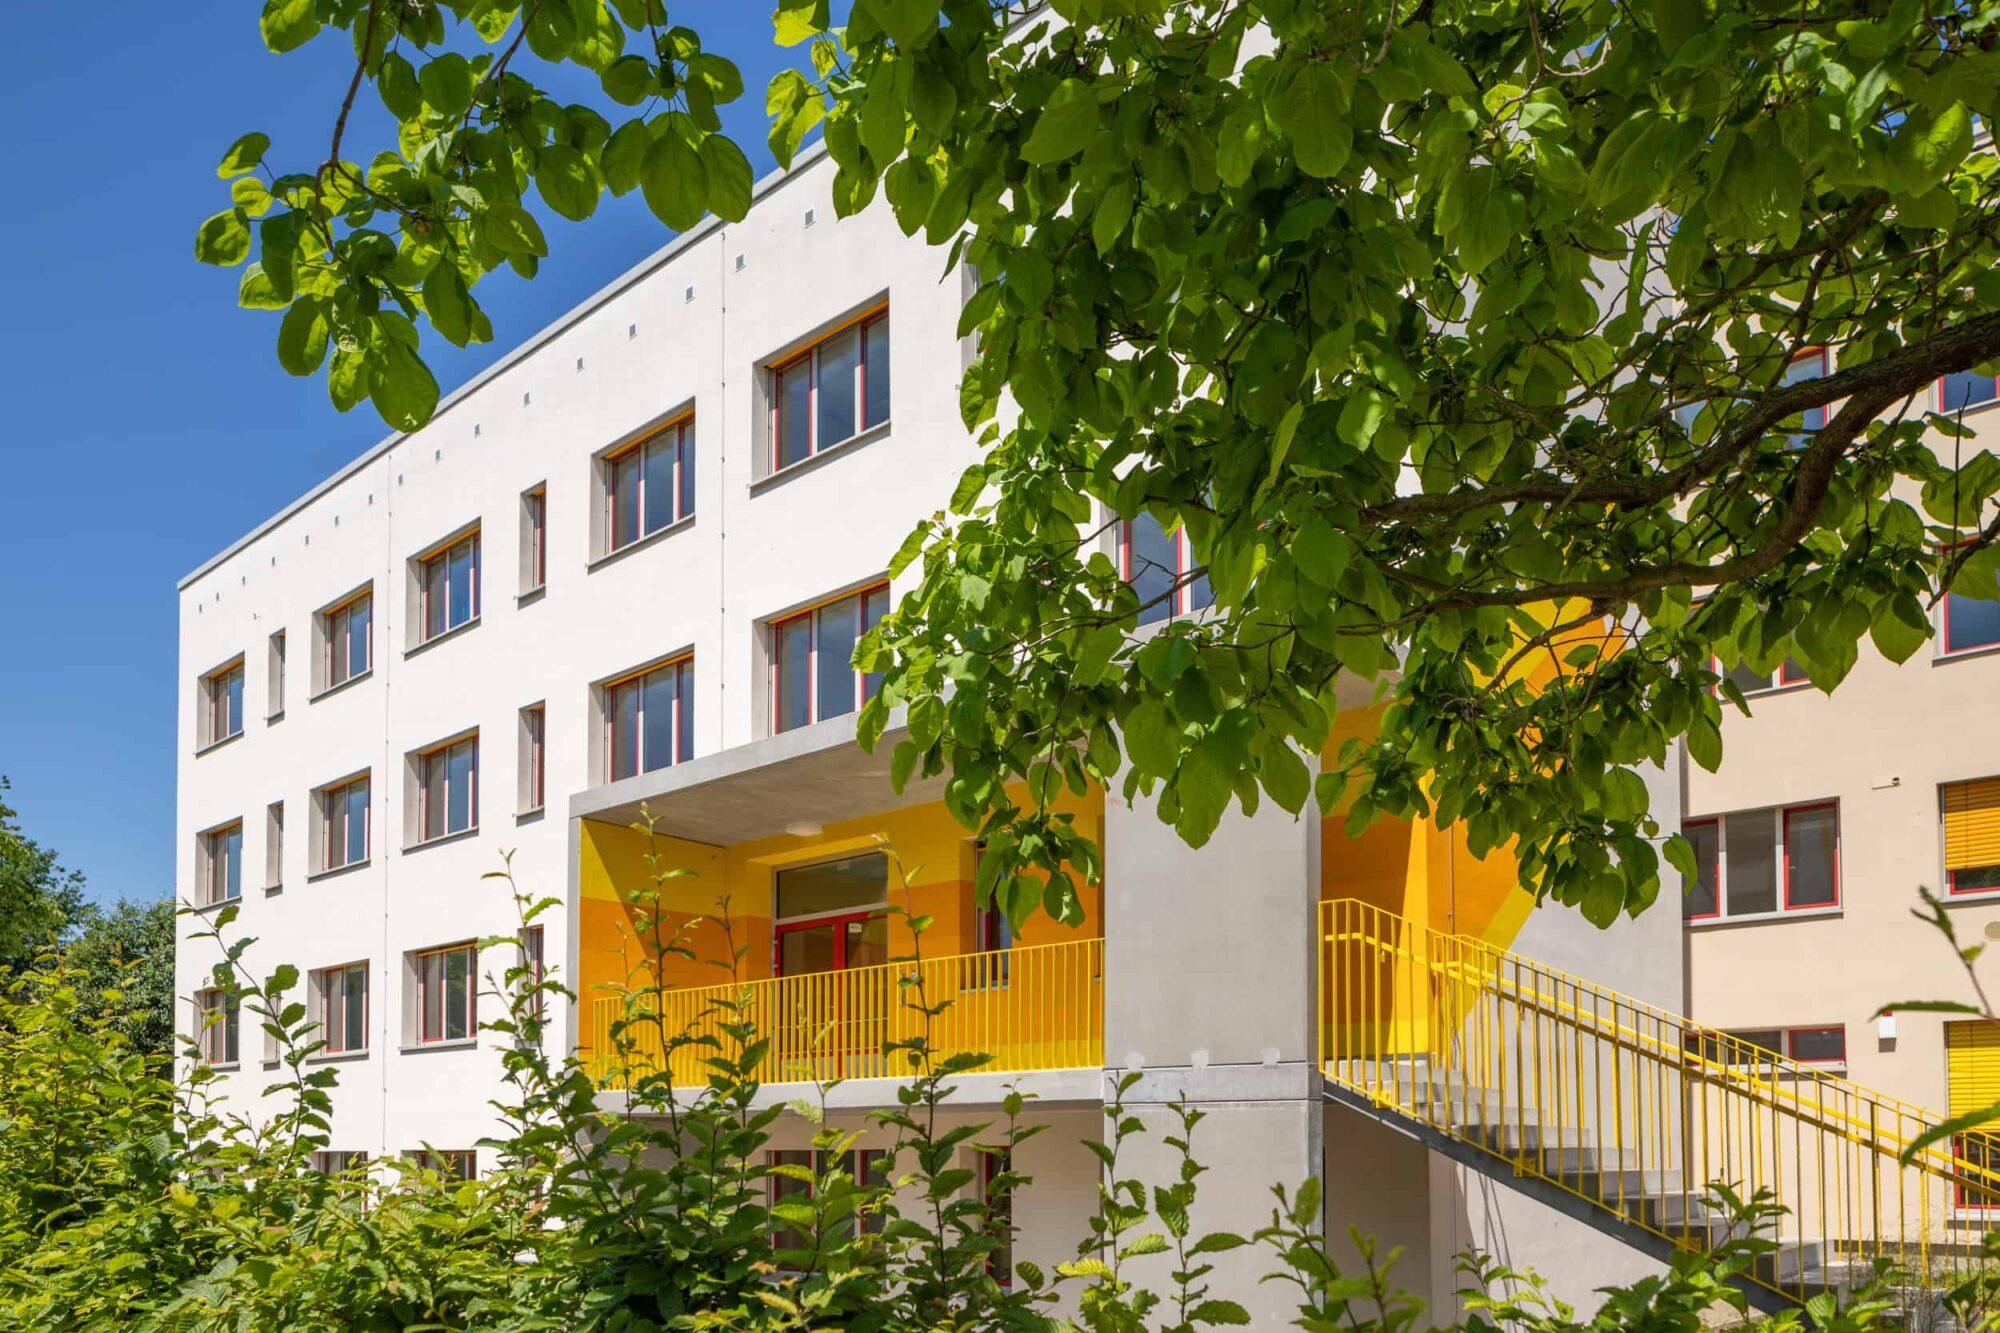 Ferdinand von Schill Grundschule Stralsund - Eingang